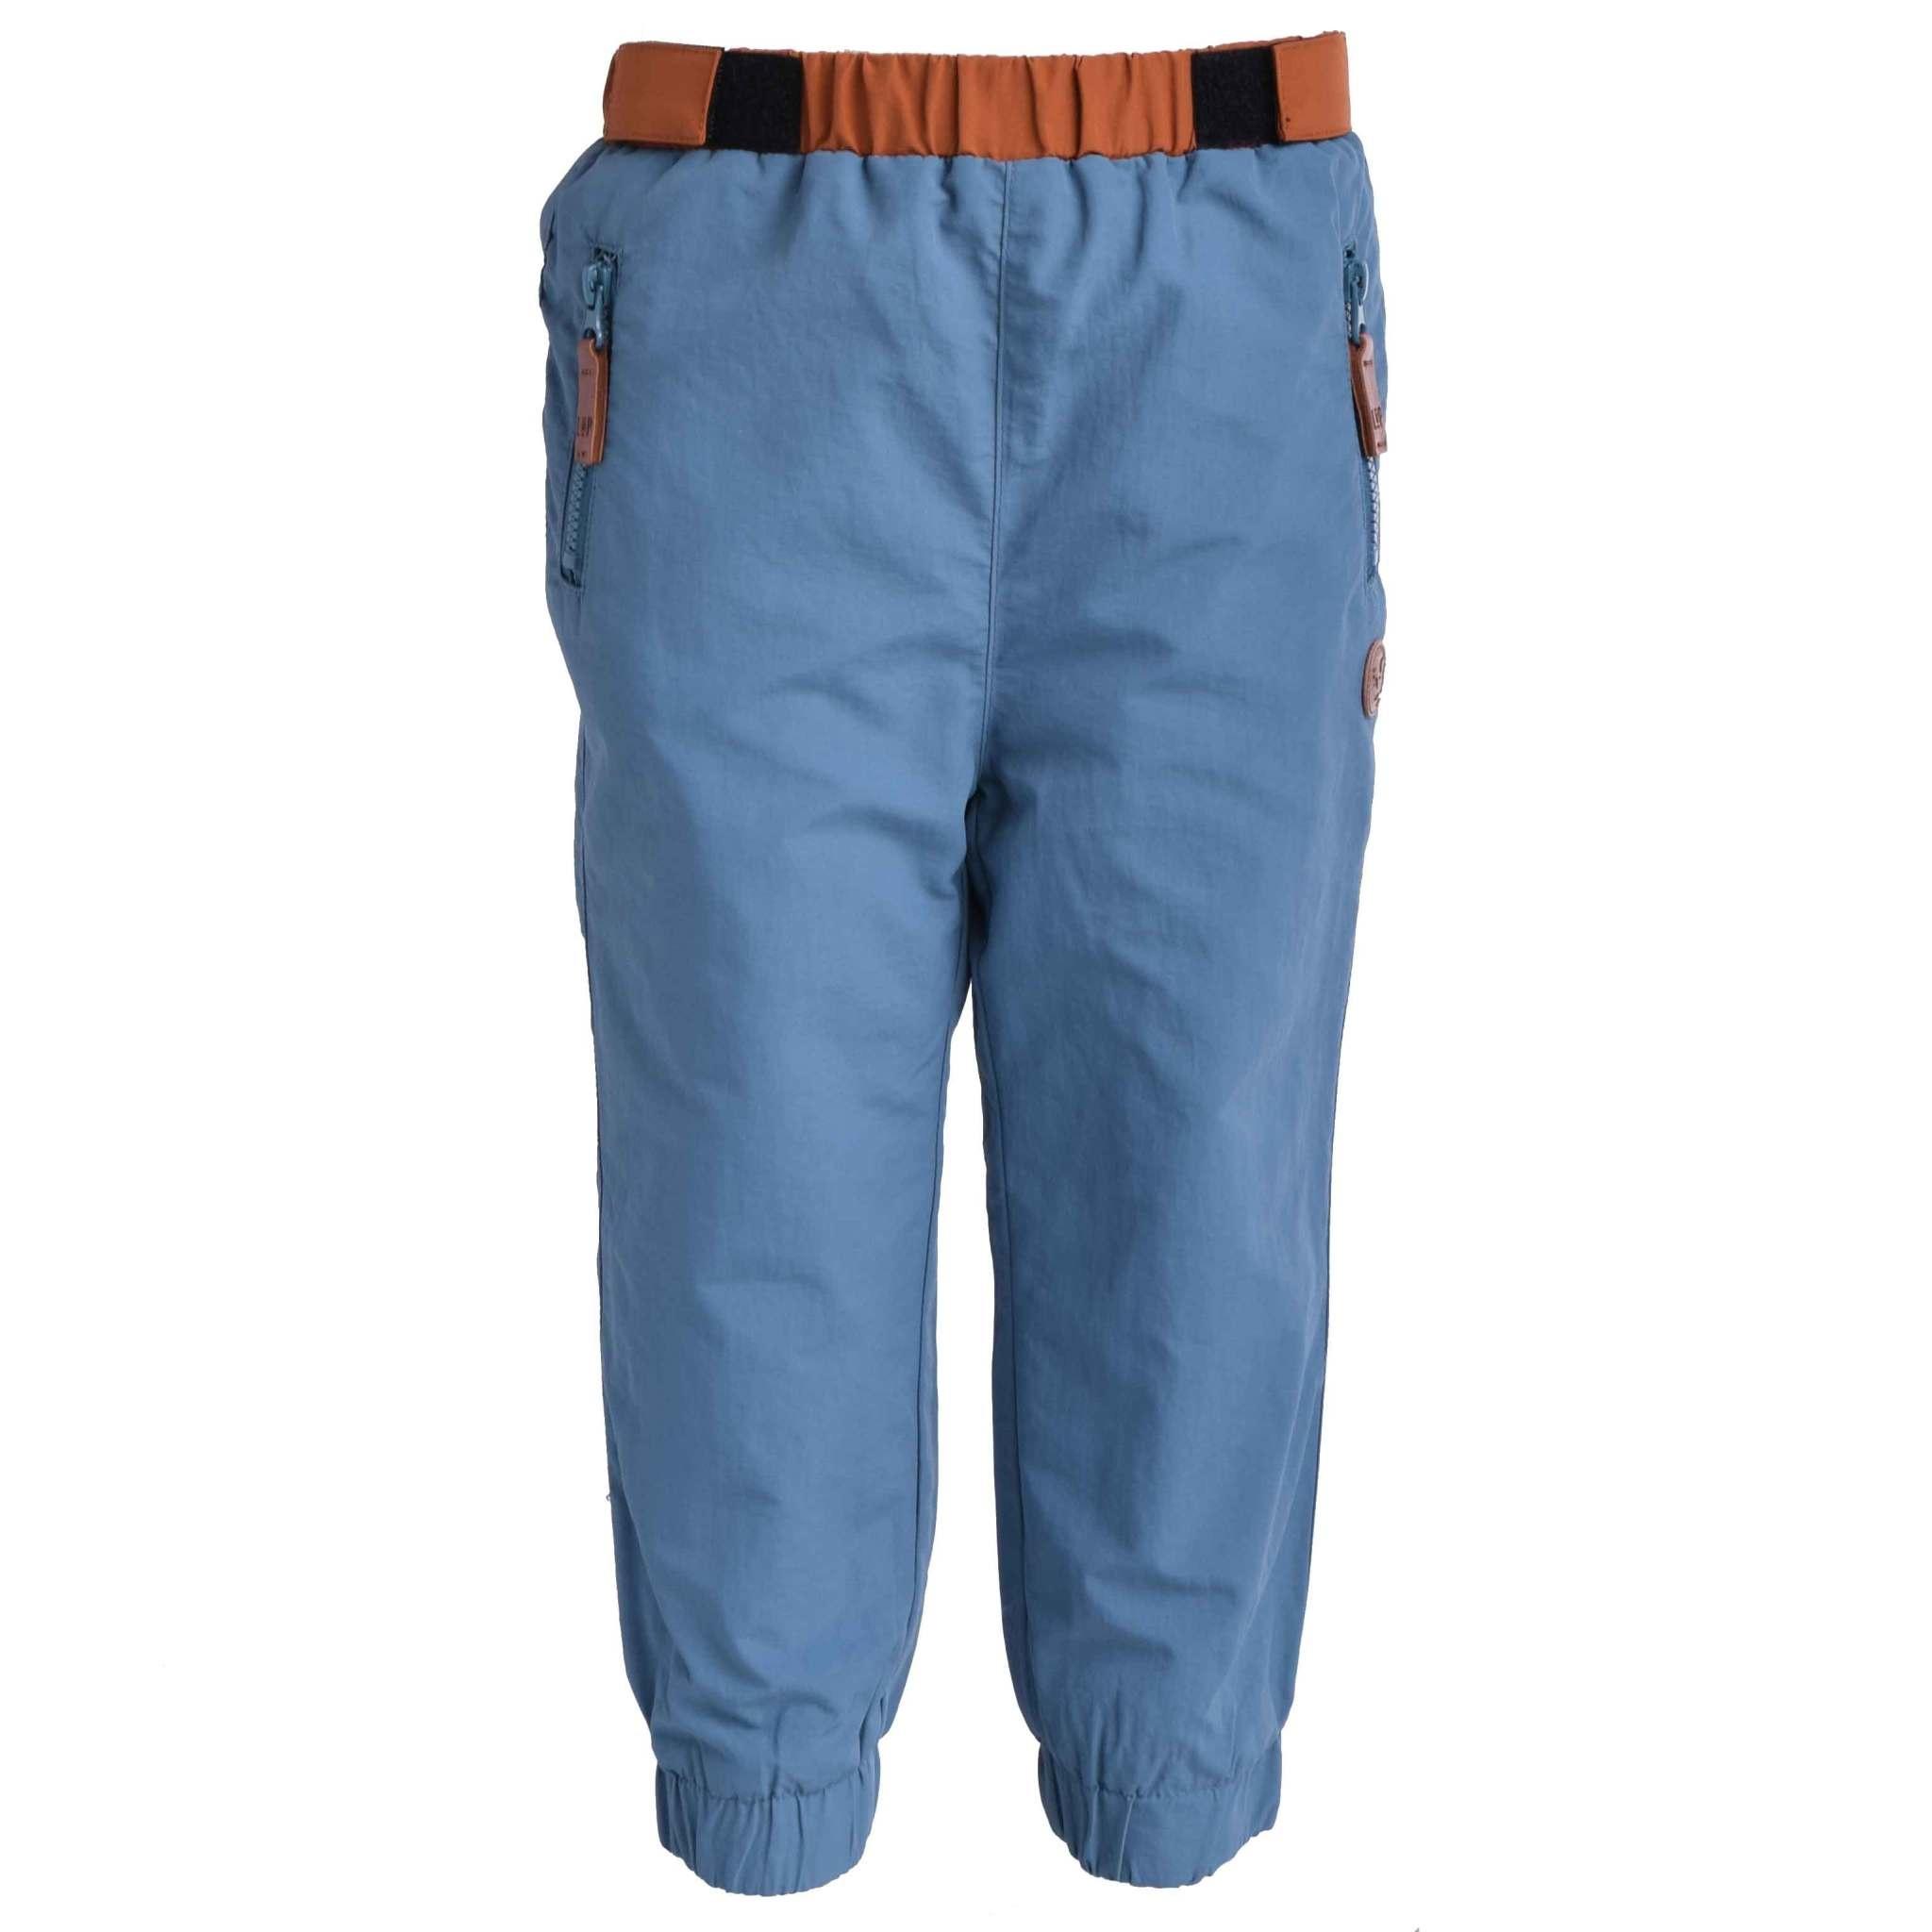 Pantalon D'Extérieur doublé Polar - TWENTY TWO 1.0-9